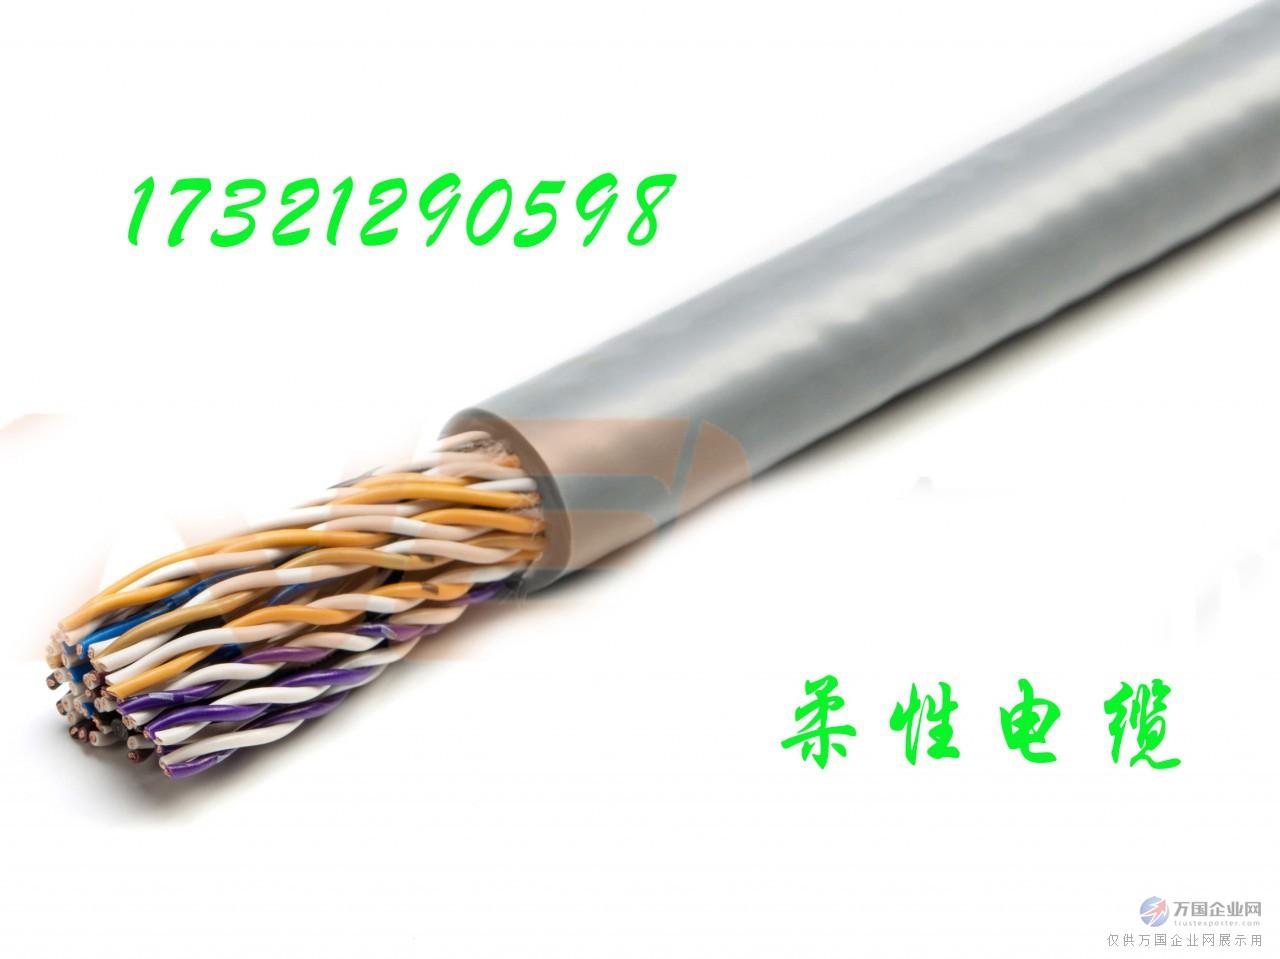 技术数据 导体绞合方式:超细铜丝绞合符合VDE 0295,6类标准 绝缘阻抗:小20 MOhm X km 温度范围:固定安装: -40°C 至+80°C;移动安装: -5°C 至+80°C 弯曲半径:7,5 x 电缆直径 用于拖链系统使用寿命:大于 800 万次循环 符合标准:符合VDE 0281, 0812标准 机床拖链电缆